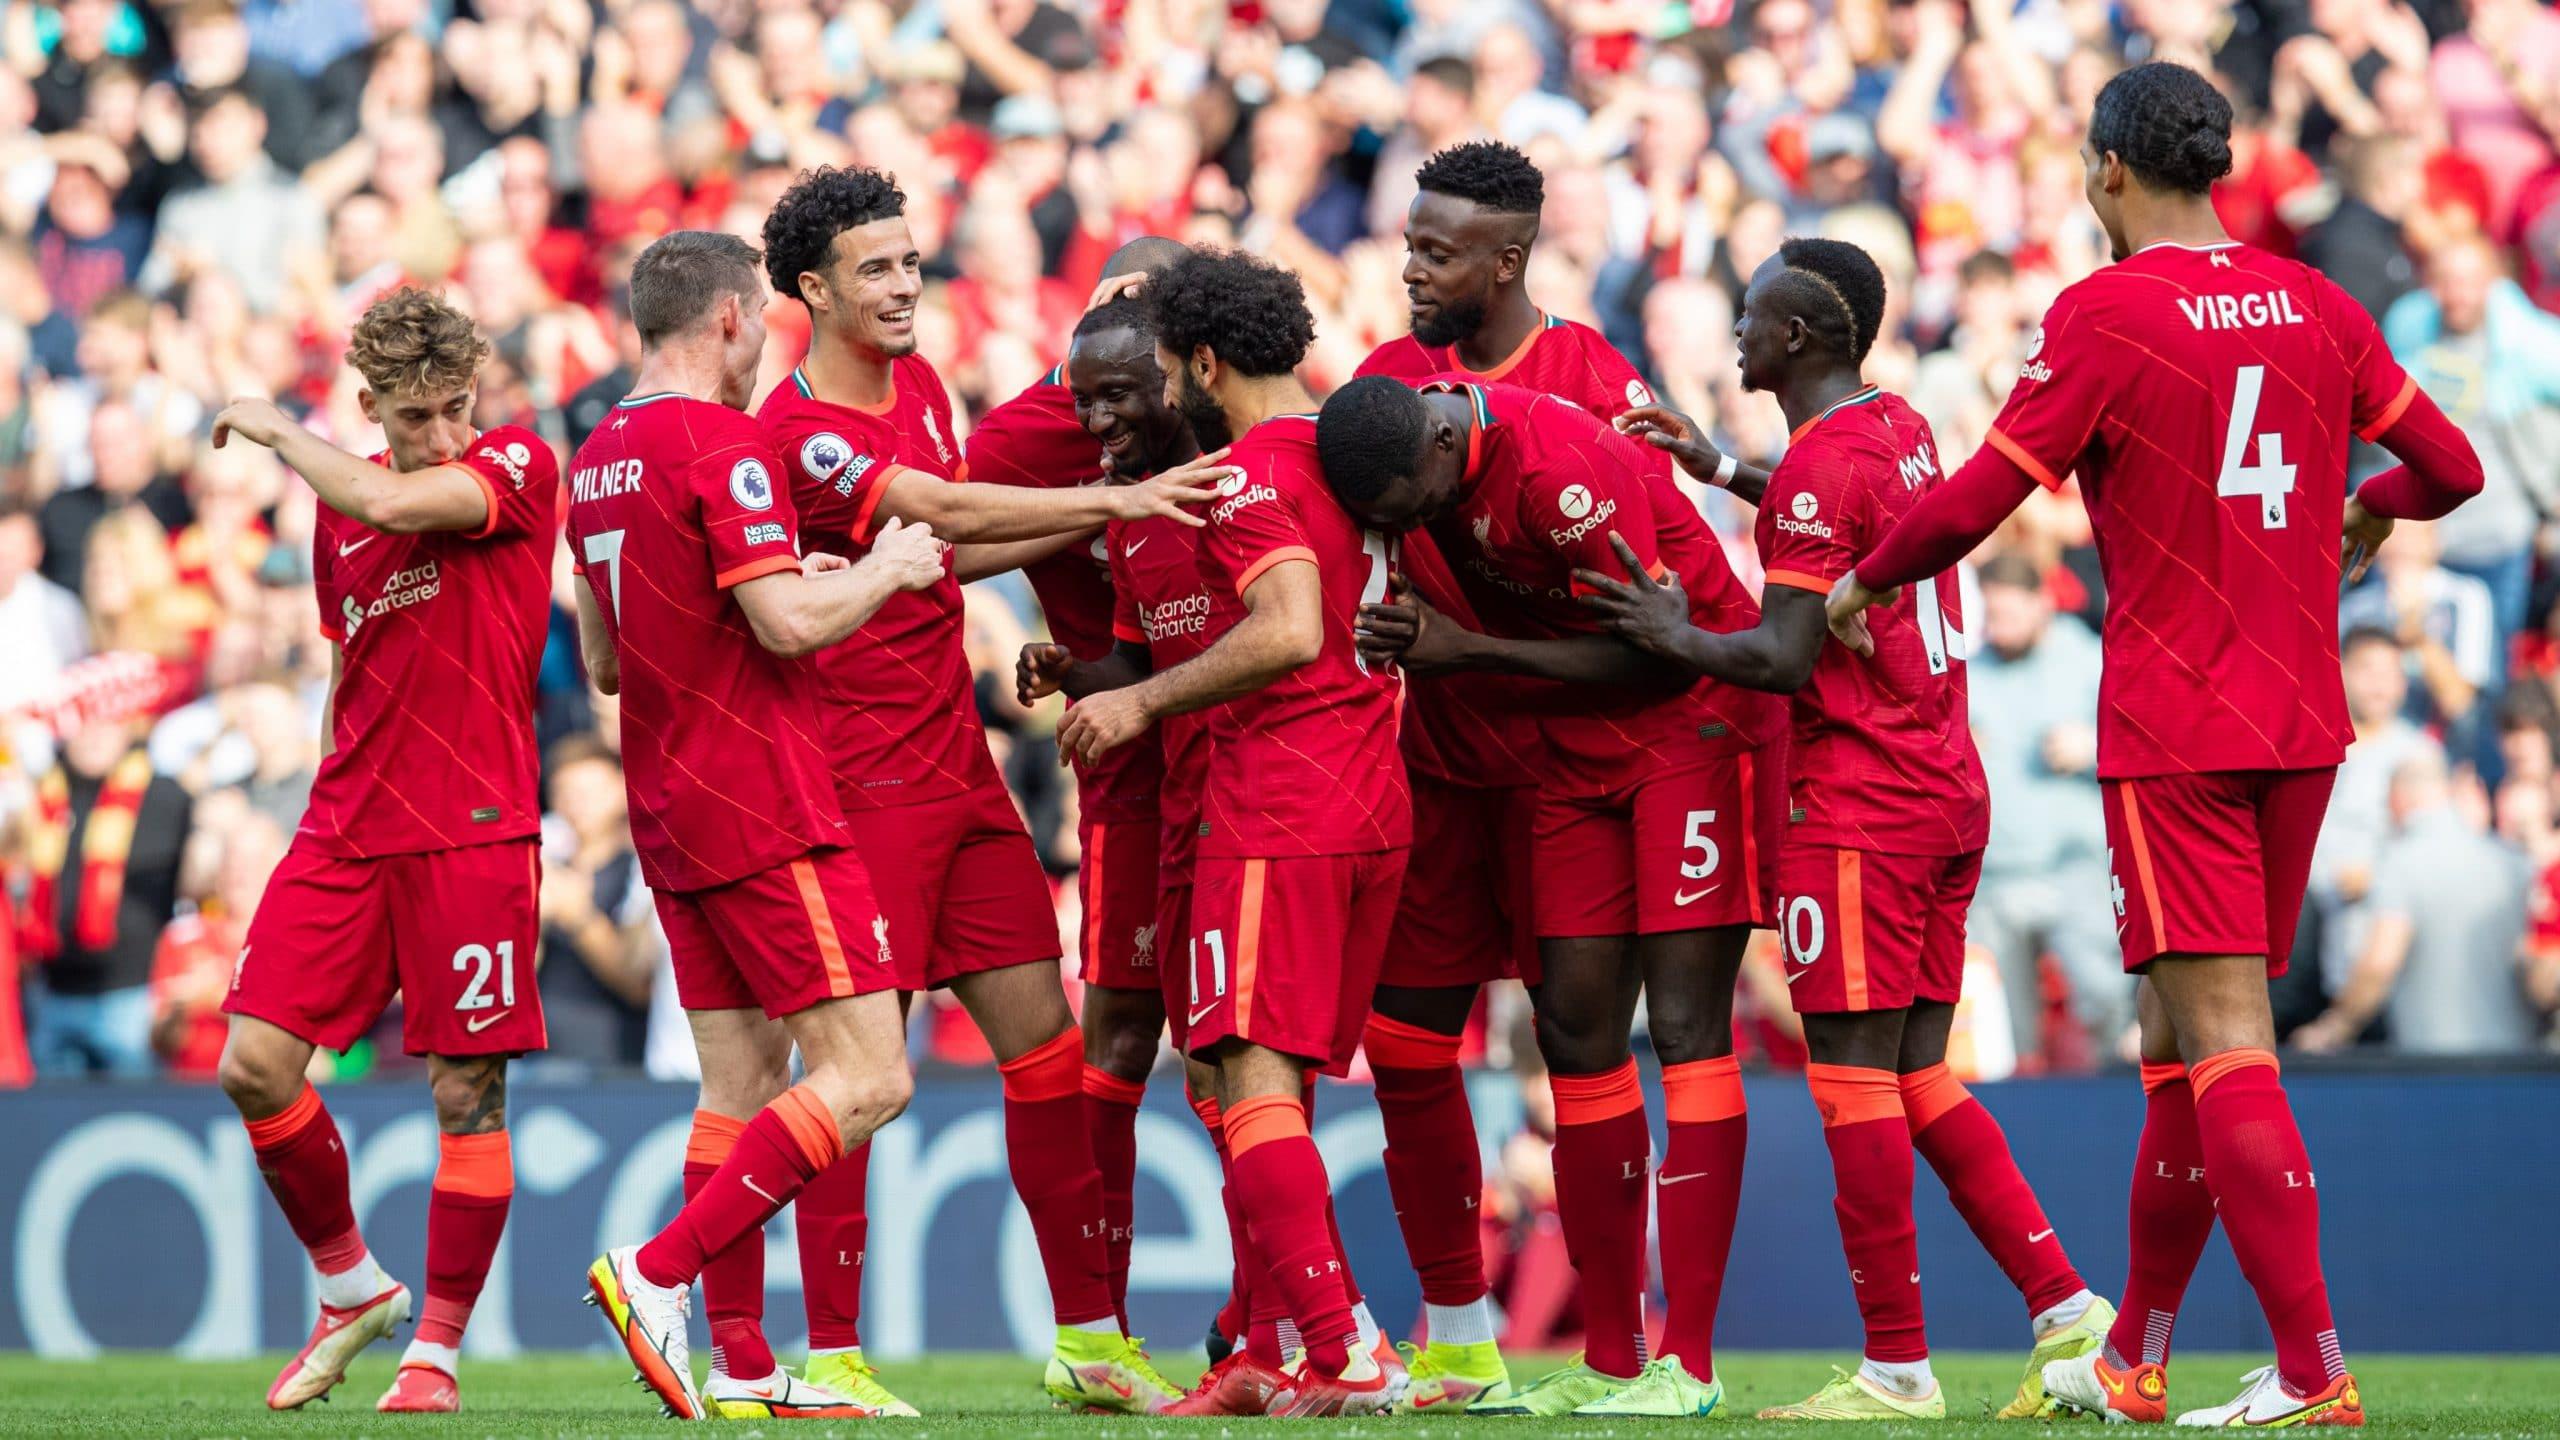 مباراة فريق ليفربول وكريستال بالاس في الدوري الإنجليزي